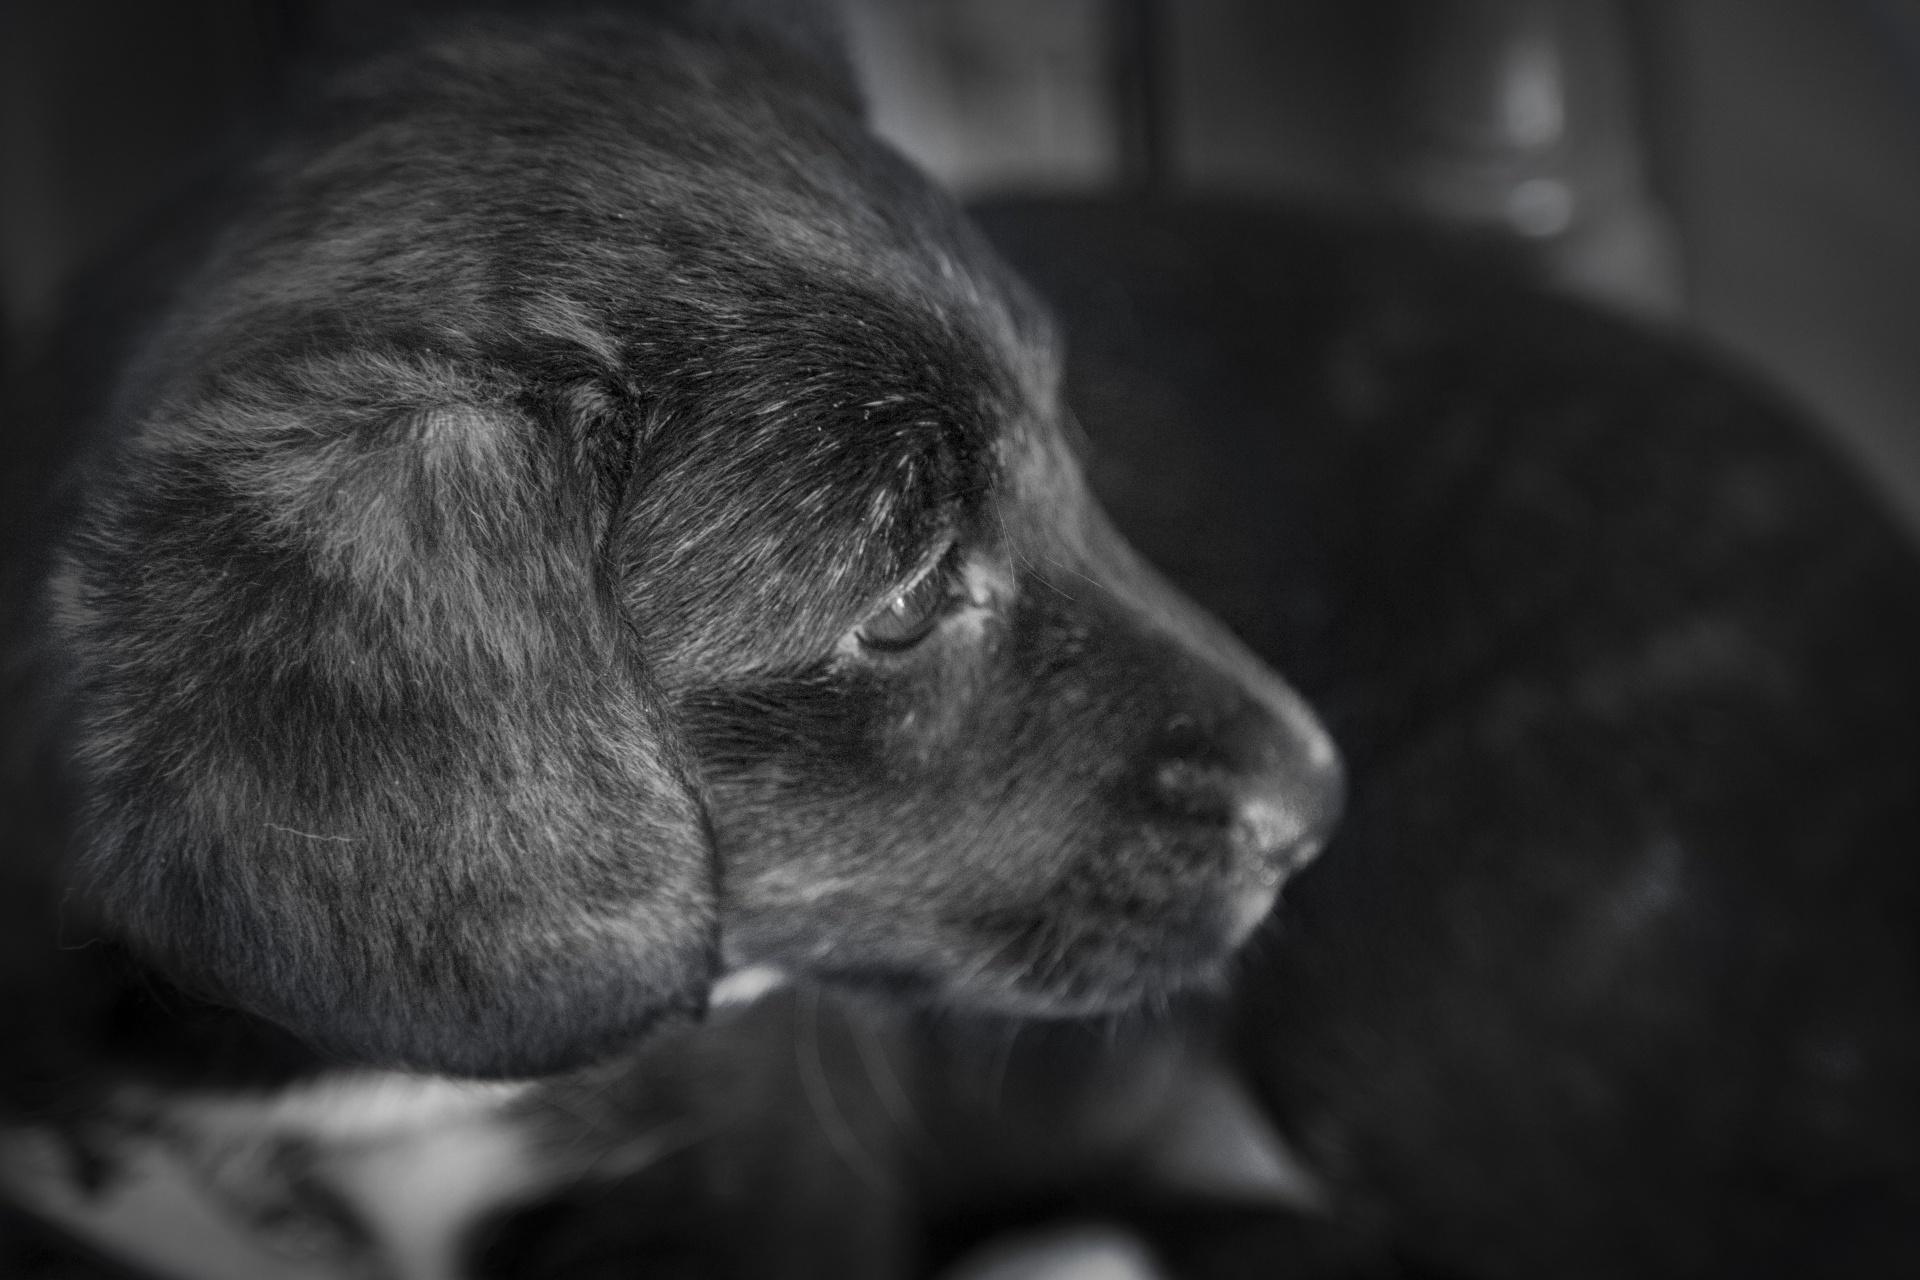 Felakasztotta ismerőse kutyáját egy nagykanizsai férfi